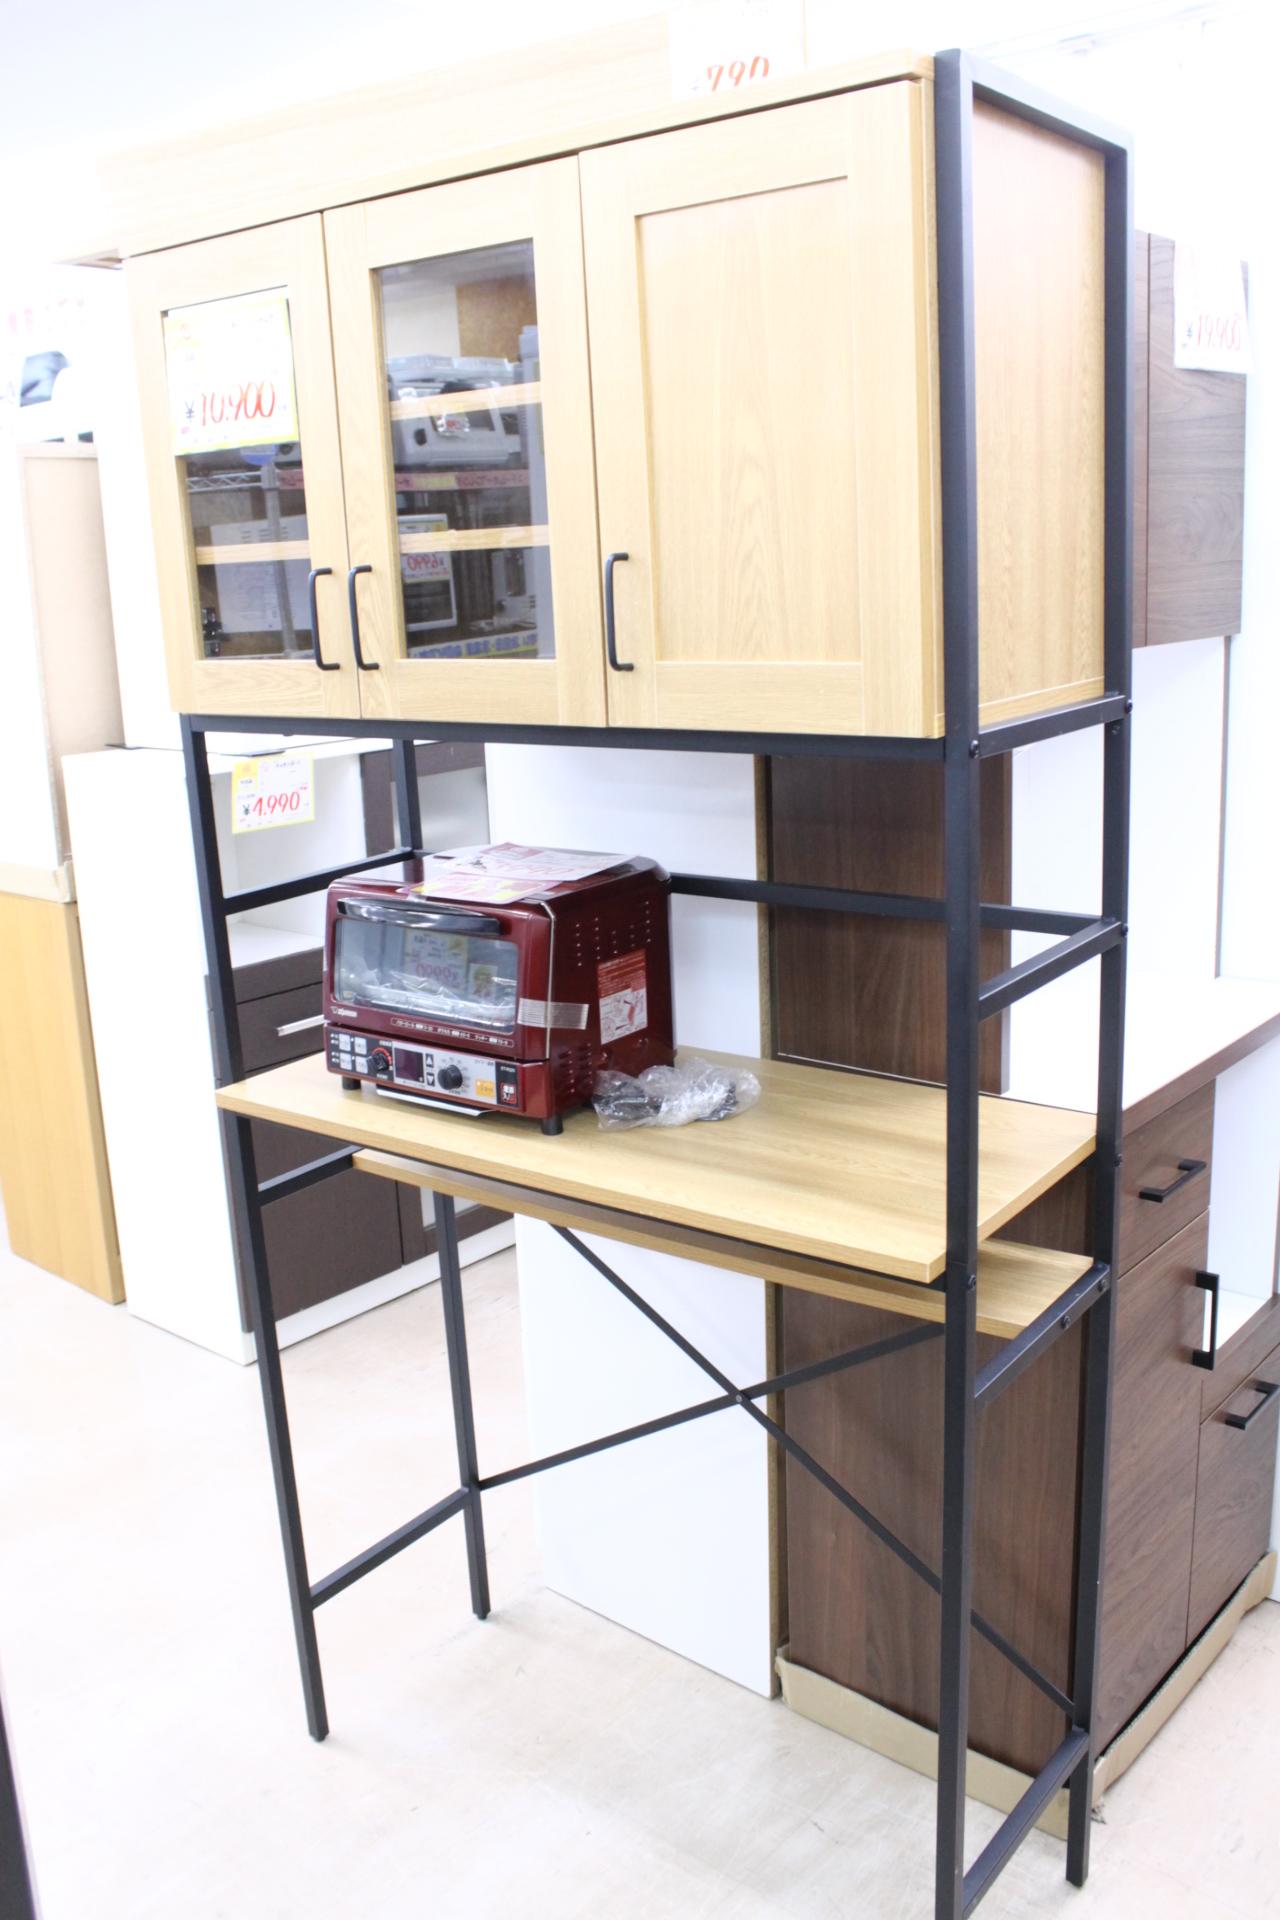 【3面レンジラック 食器棚 幅94cm☓奥行40cm☓181cm】を買取させて頂きました!の買取-